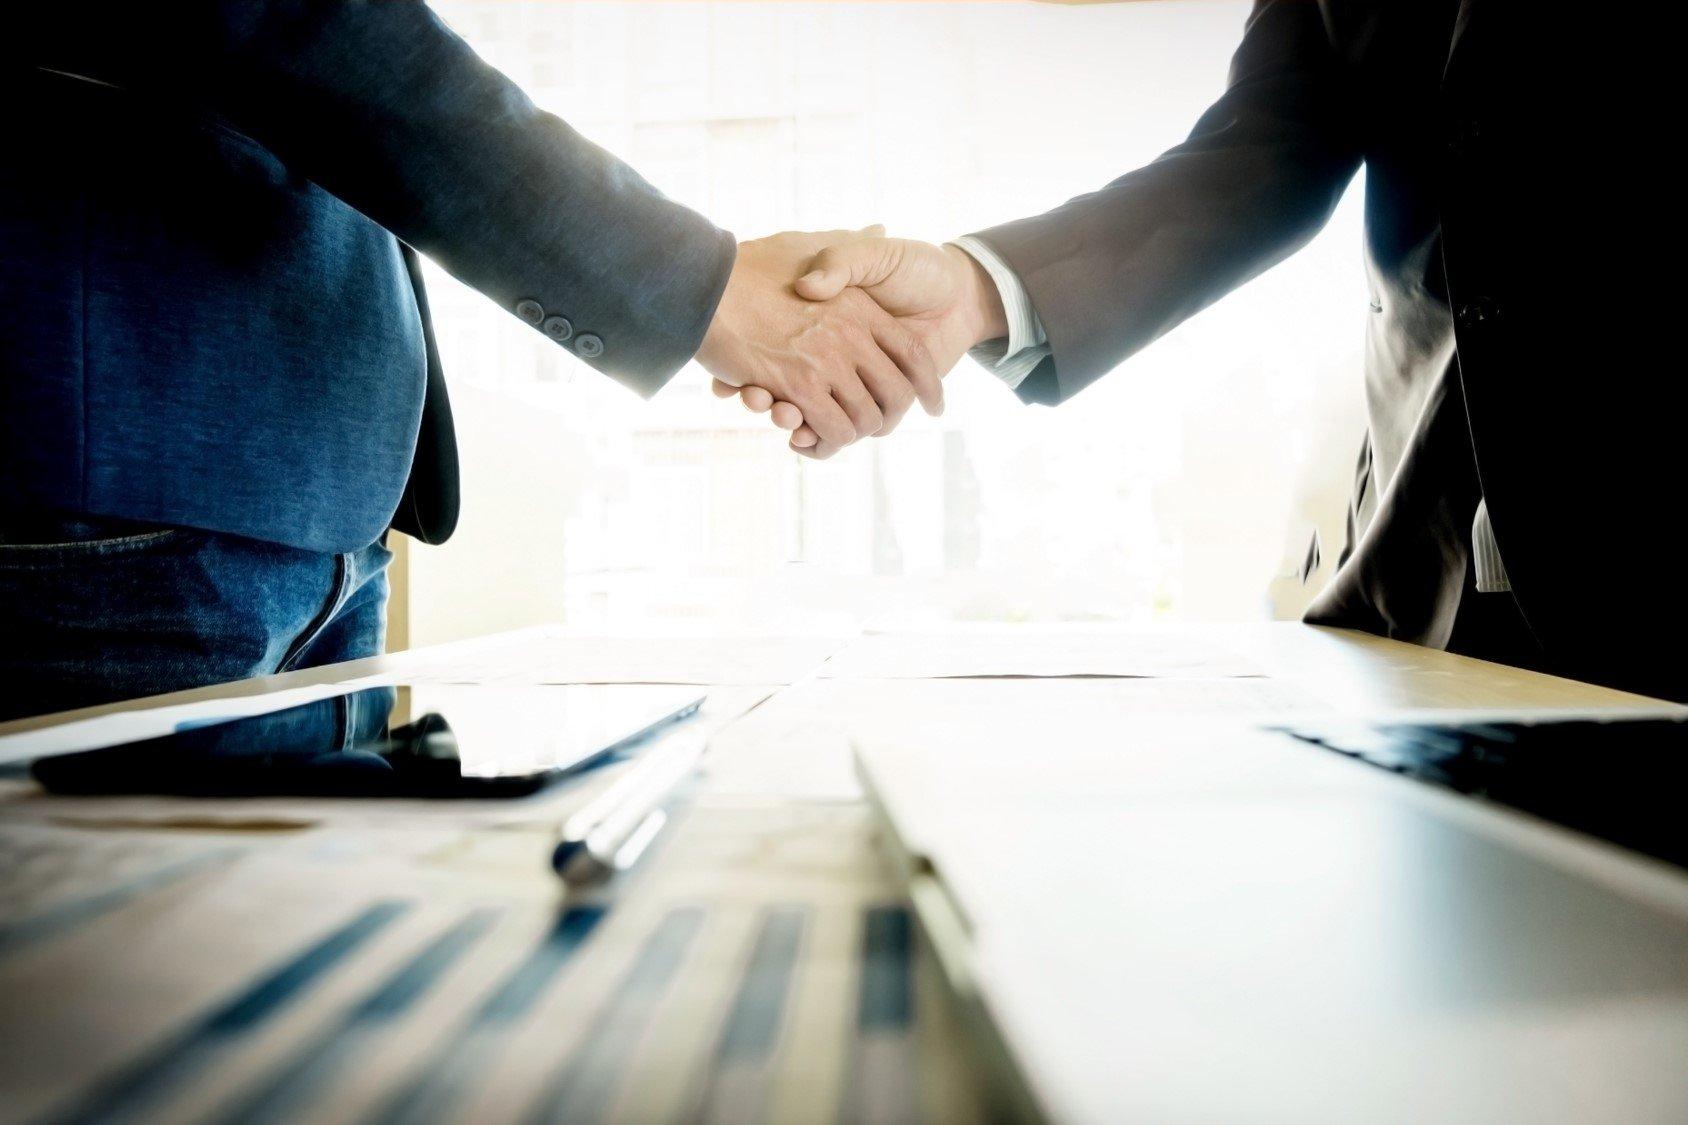 El Grupo Cibernos completa con éxito la adquisición de la filial española de Proact.